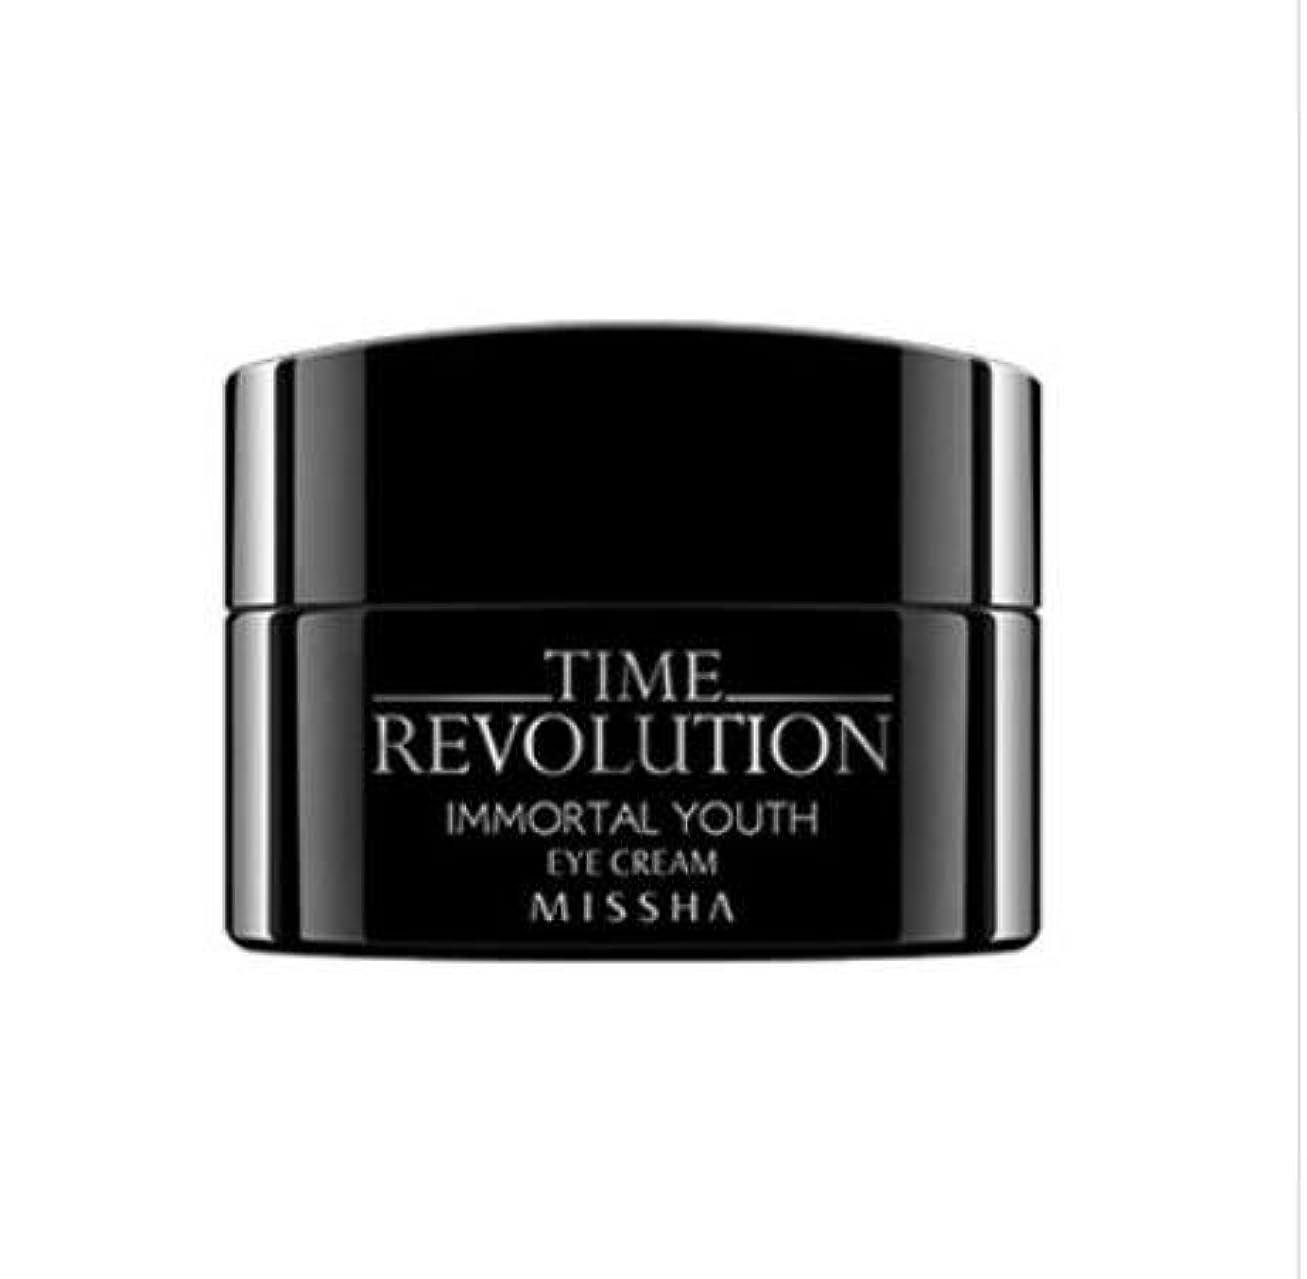 約束するあたたかい軽く[ミシャ] Missha [タイムレボリューション イモタルユース アイクリーム](MISSHA Time Revolution Immortal Youth Eye Cream) [並行輸入品]